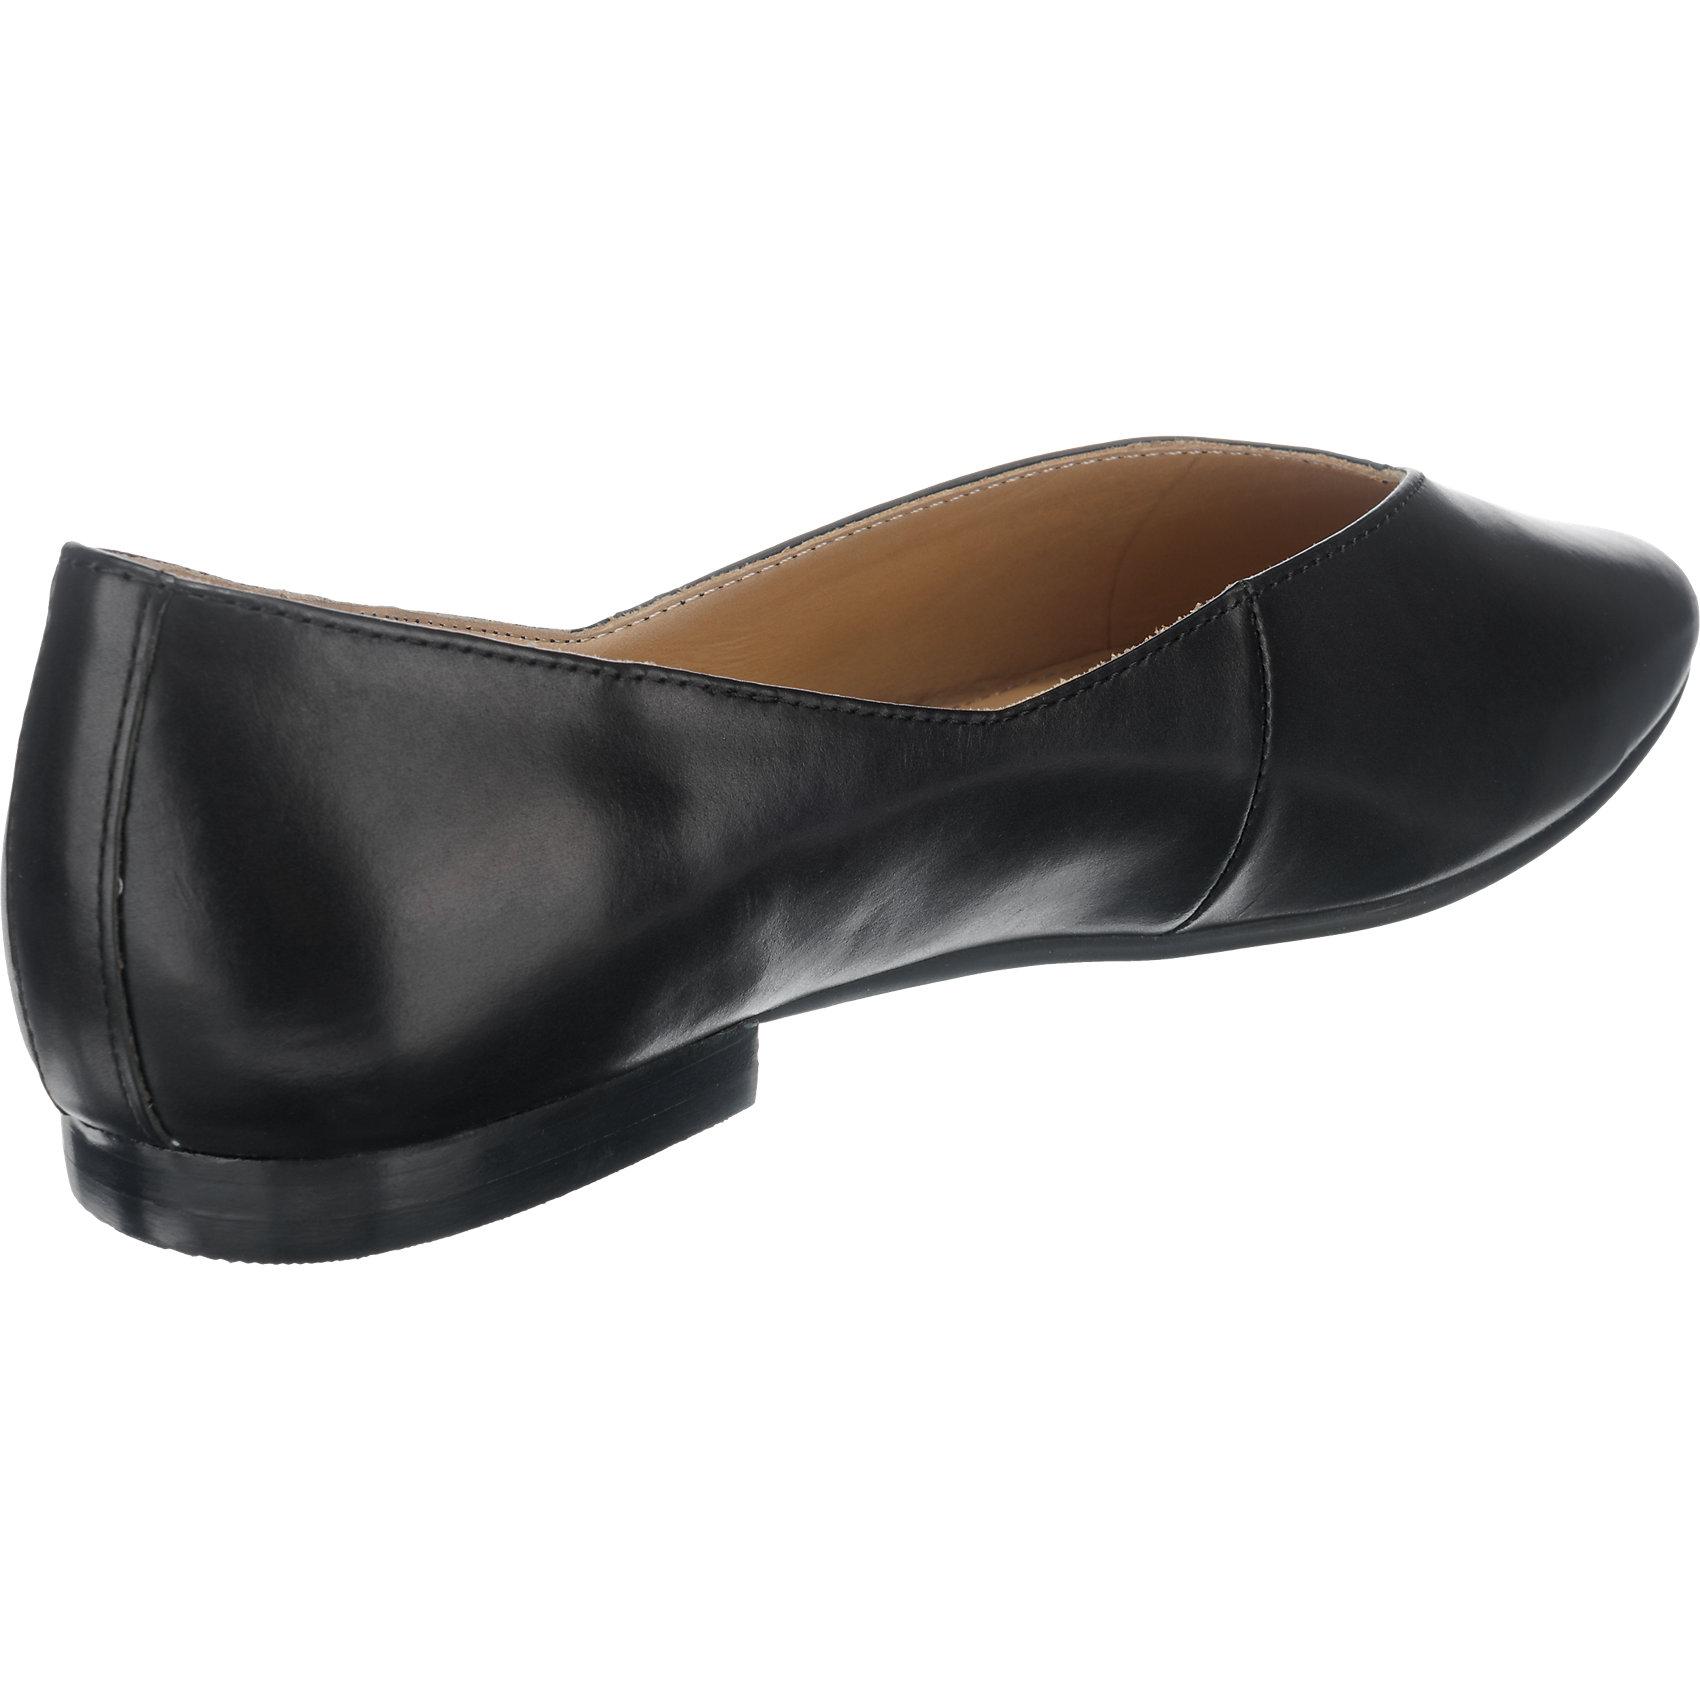 Neu MARC O'POLO Ballerinas 5774694 für Damen schwarz cognac grau